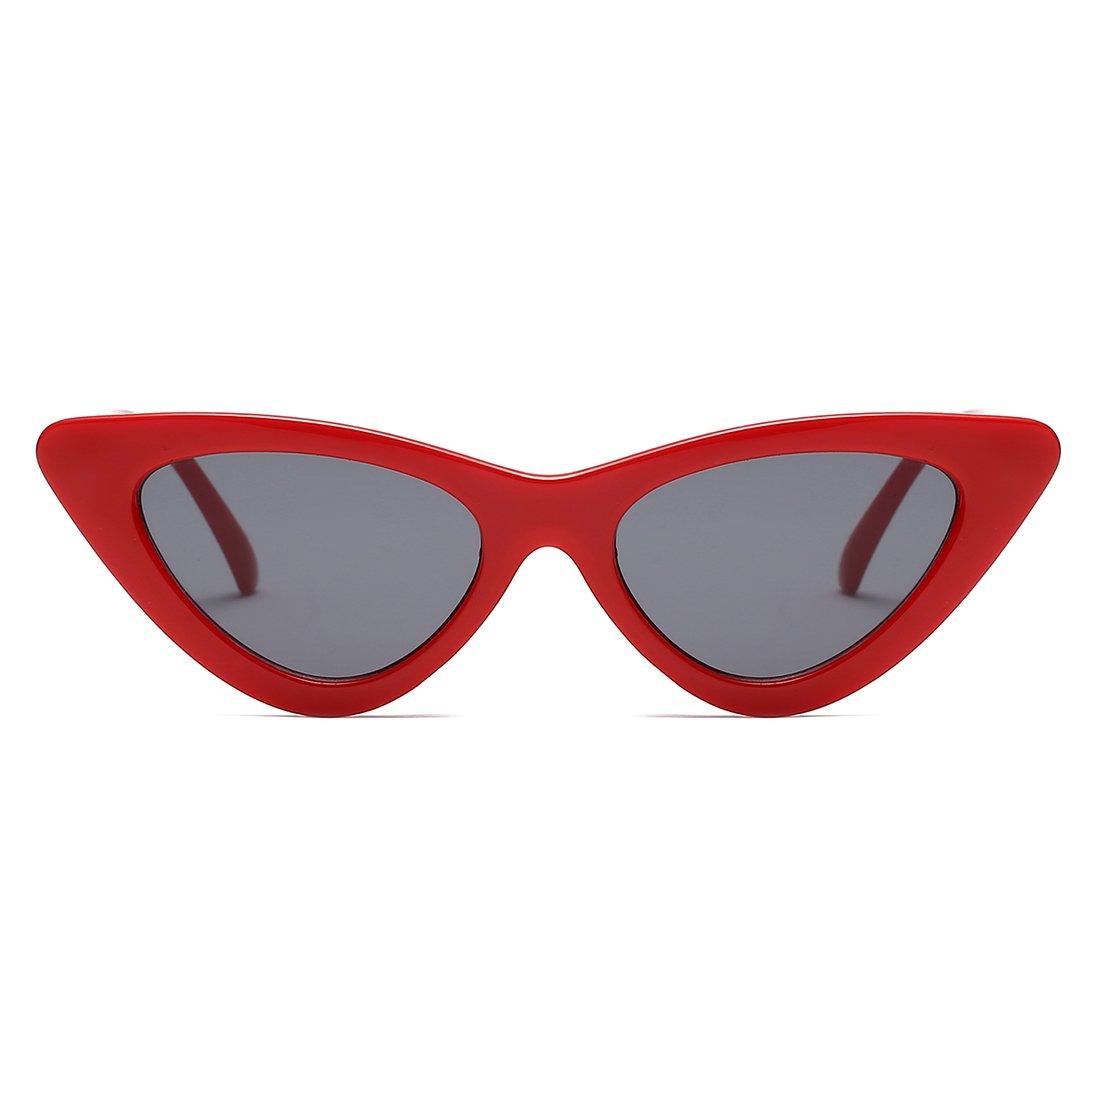 39d07c2676 Amazon.com  Kimorn Cat Eye Sunglasses Women Clout Goggles Kurt Cobain Retro Sun  Glasses K0566 (Red Black)  Clothing